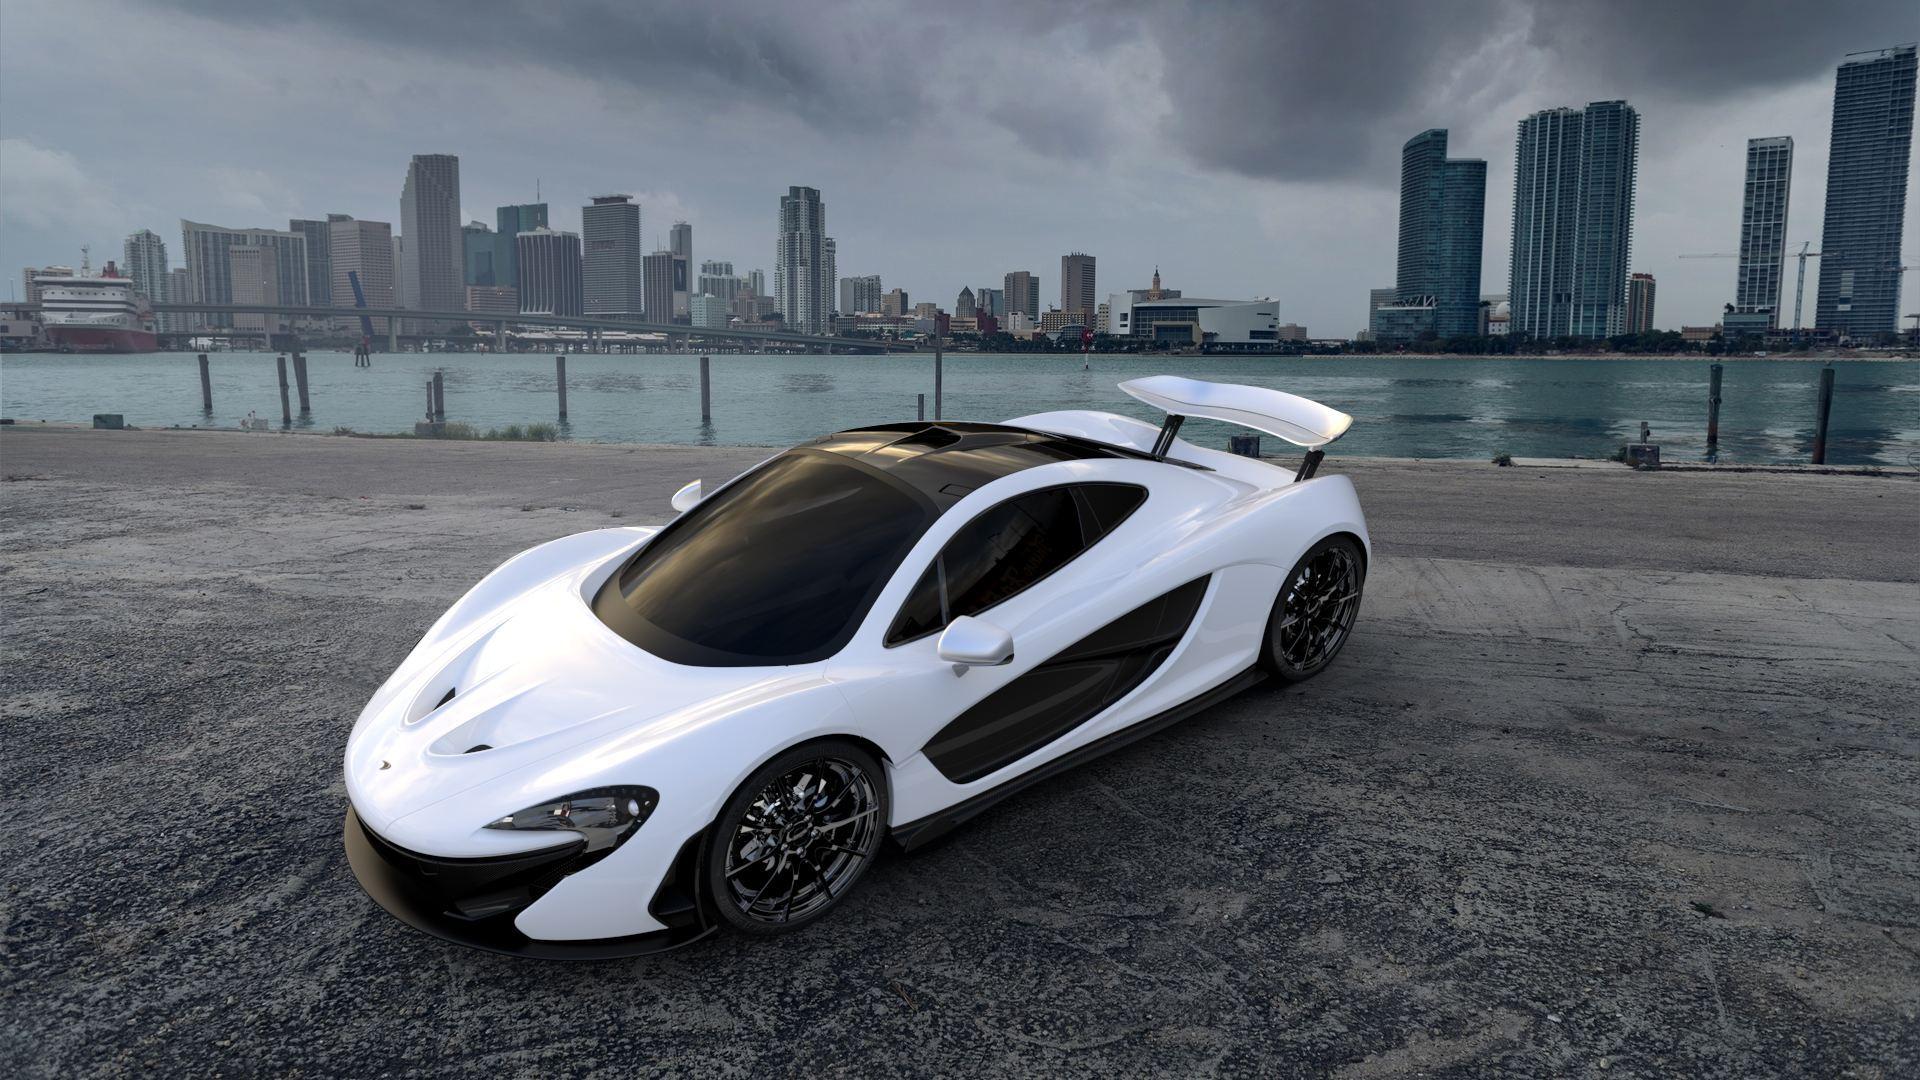 范冰冰的这一台车顶崔永元的十倍!二手车市场